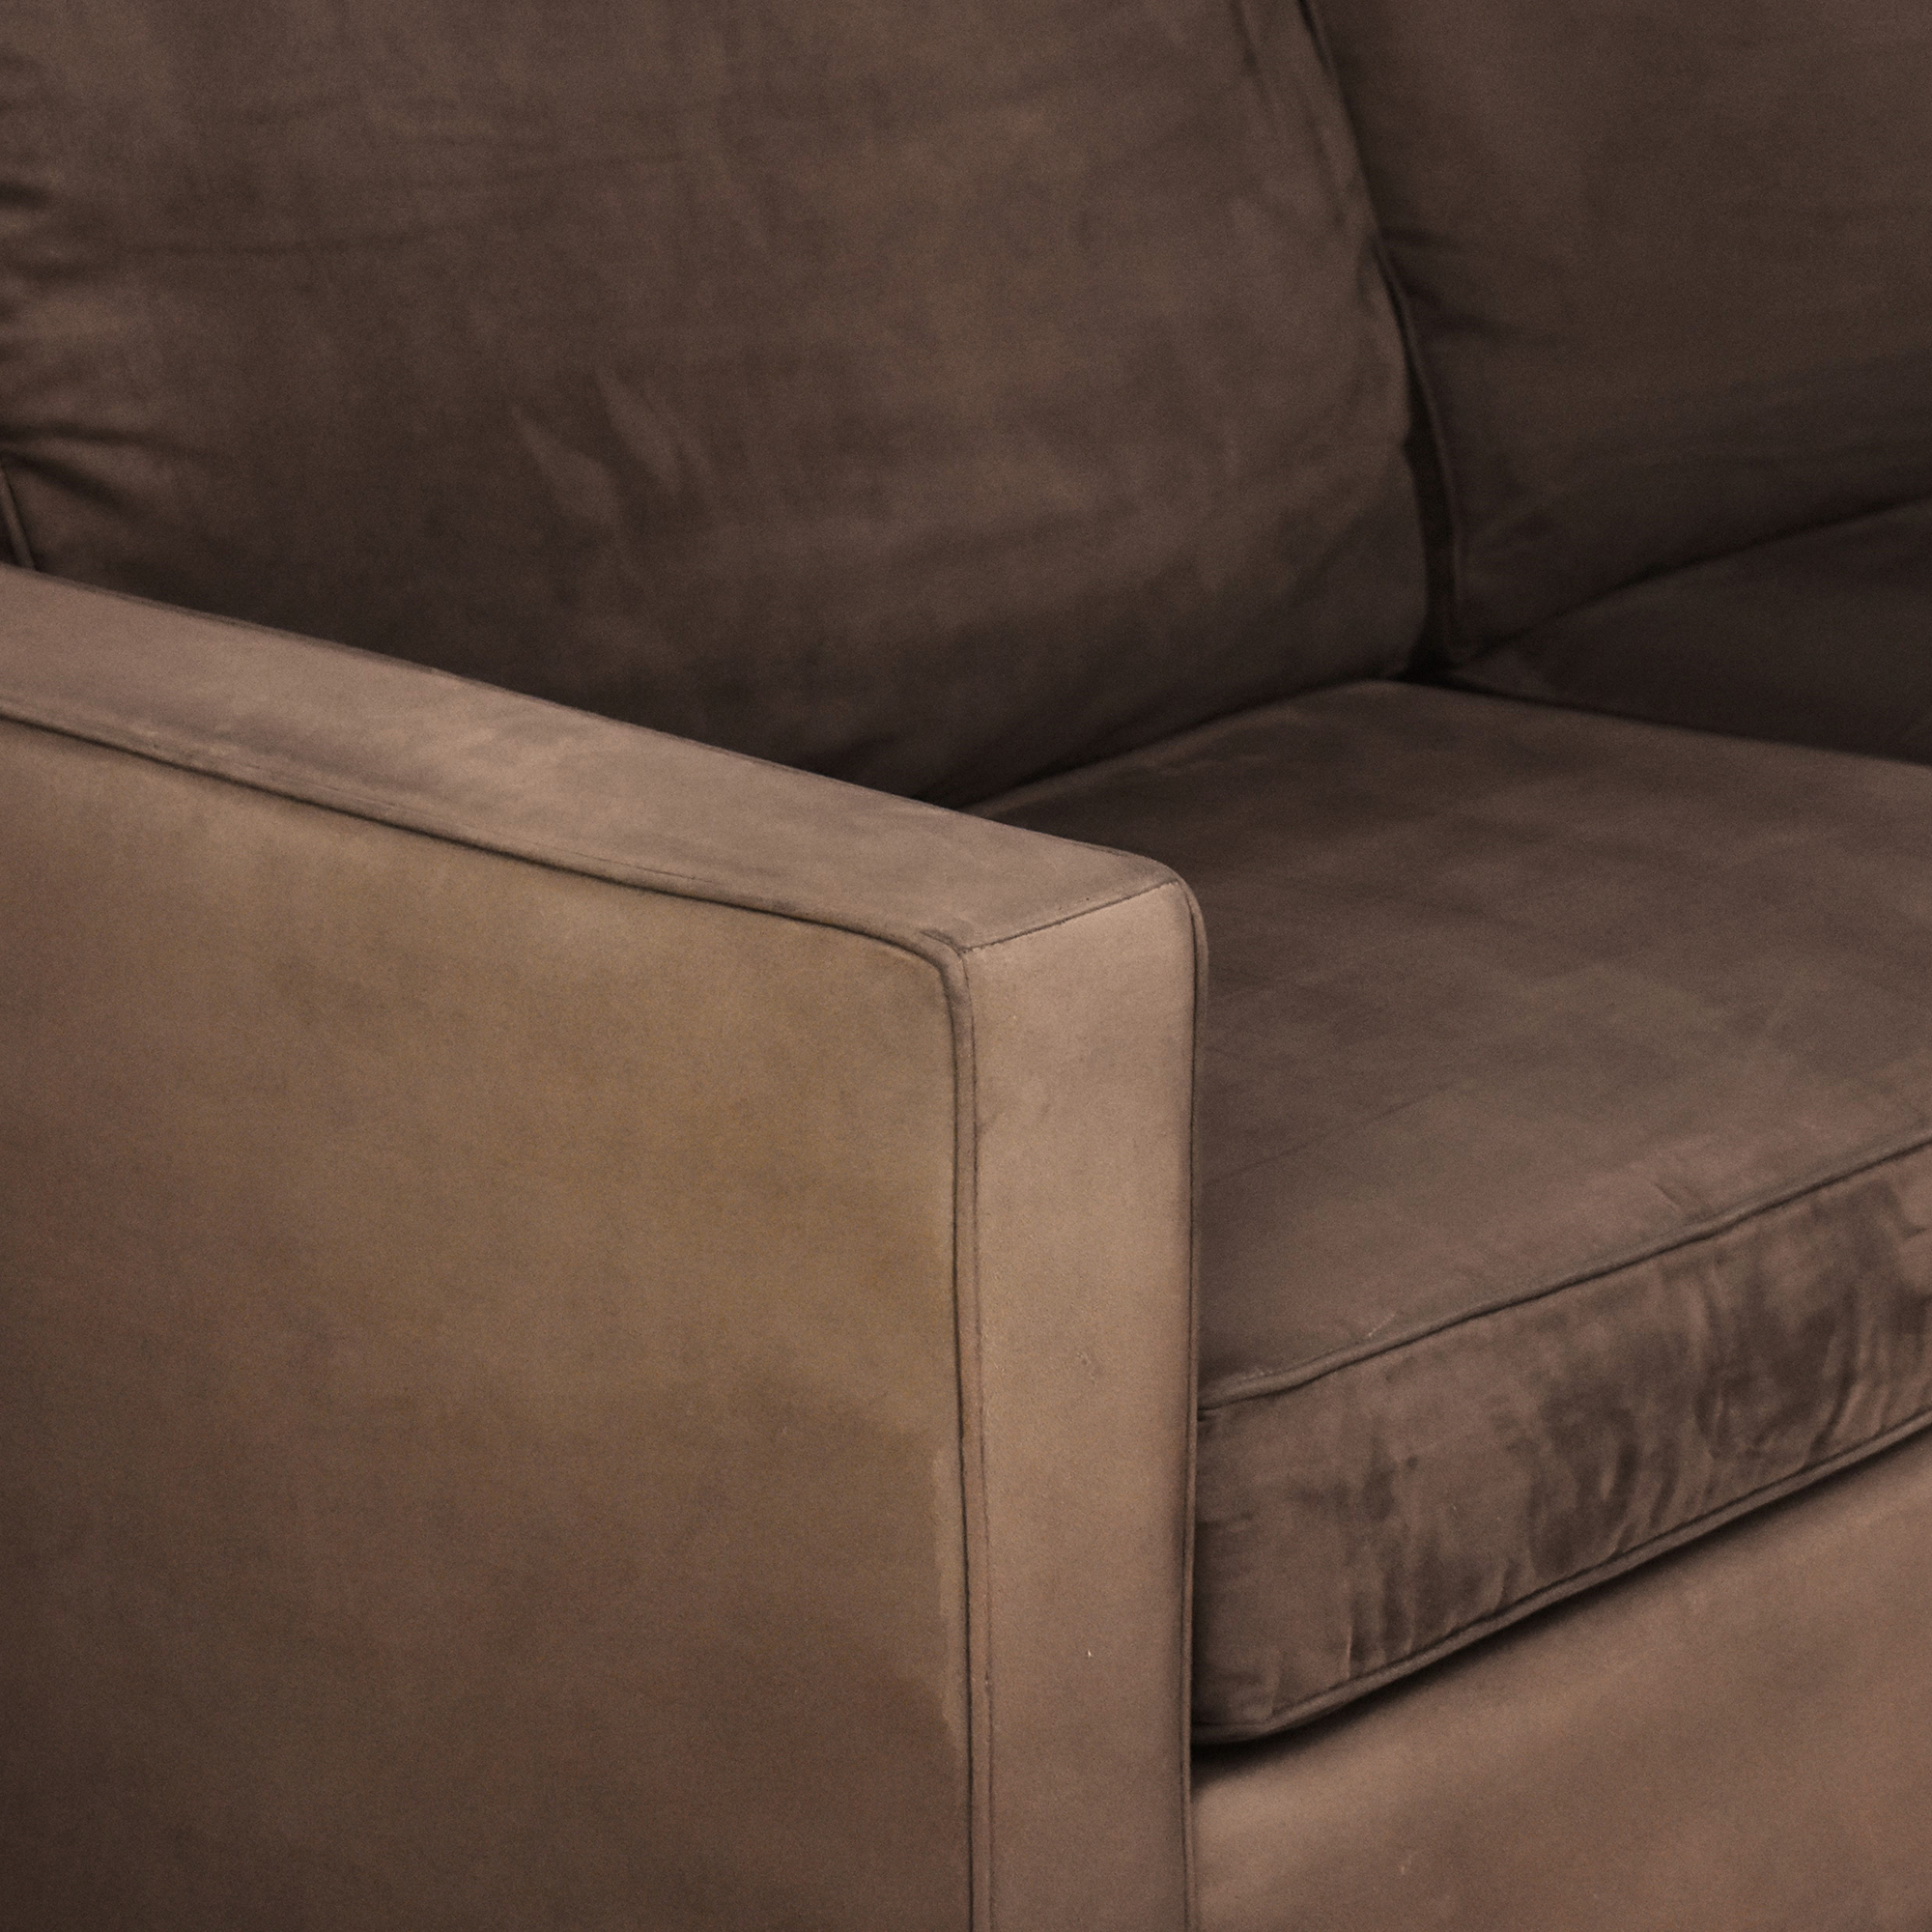 buy Crate & Barrel Barrett Two Cushion Sofa Crate & Barrel